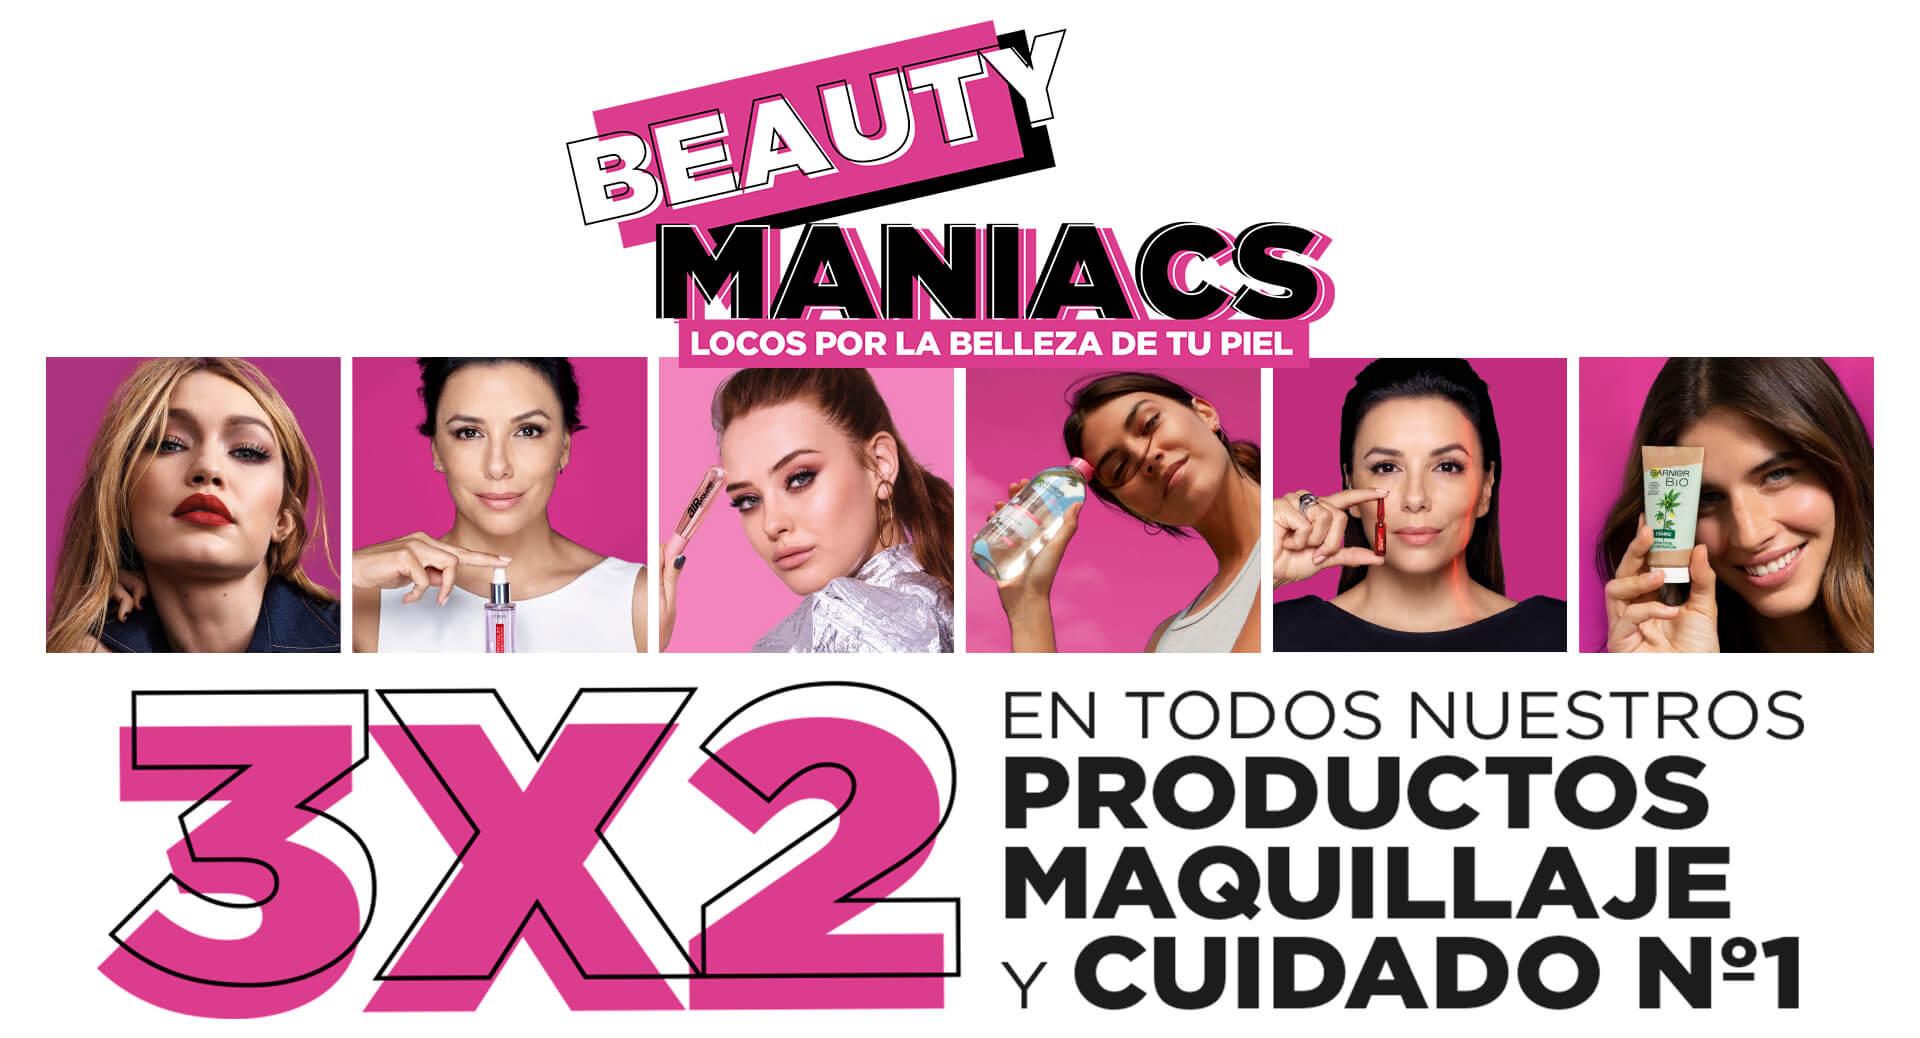 3X2 en Productos de Maquillaje y Belleza en Primor